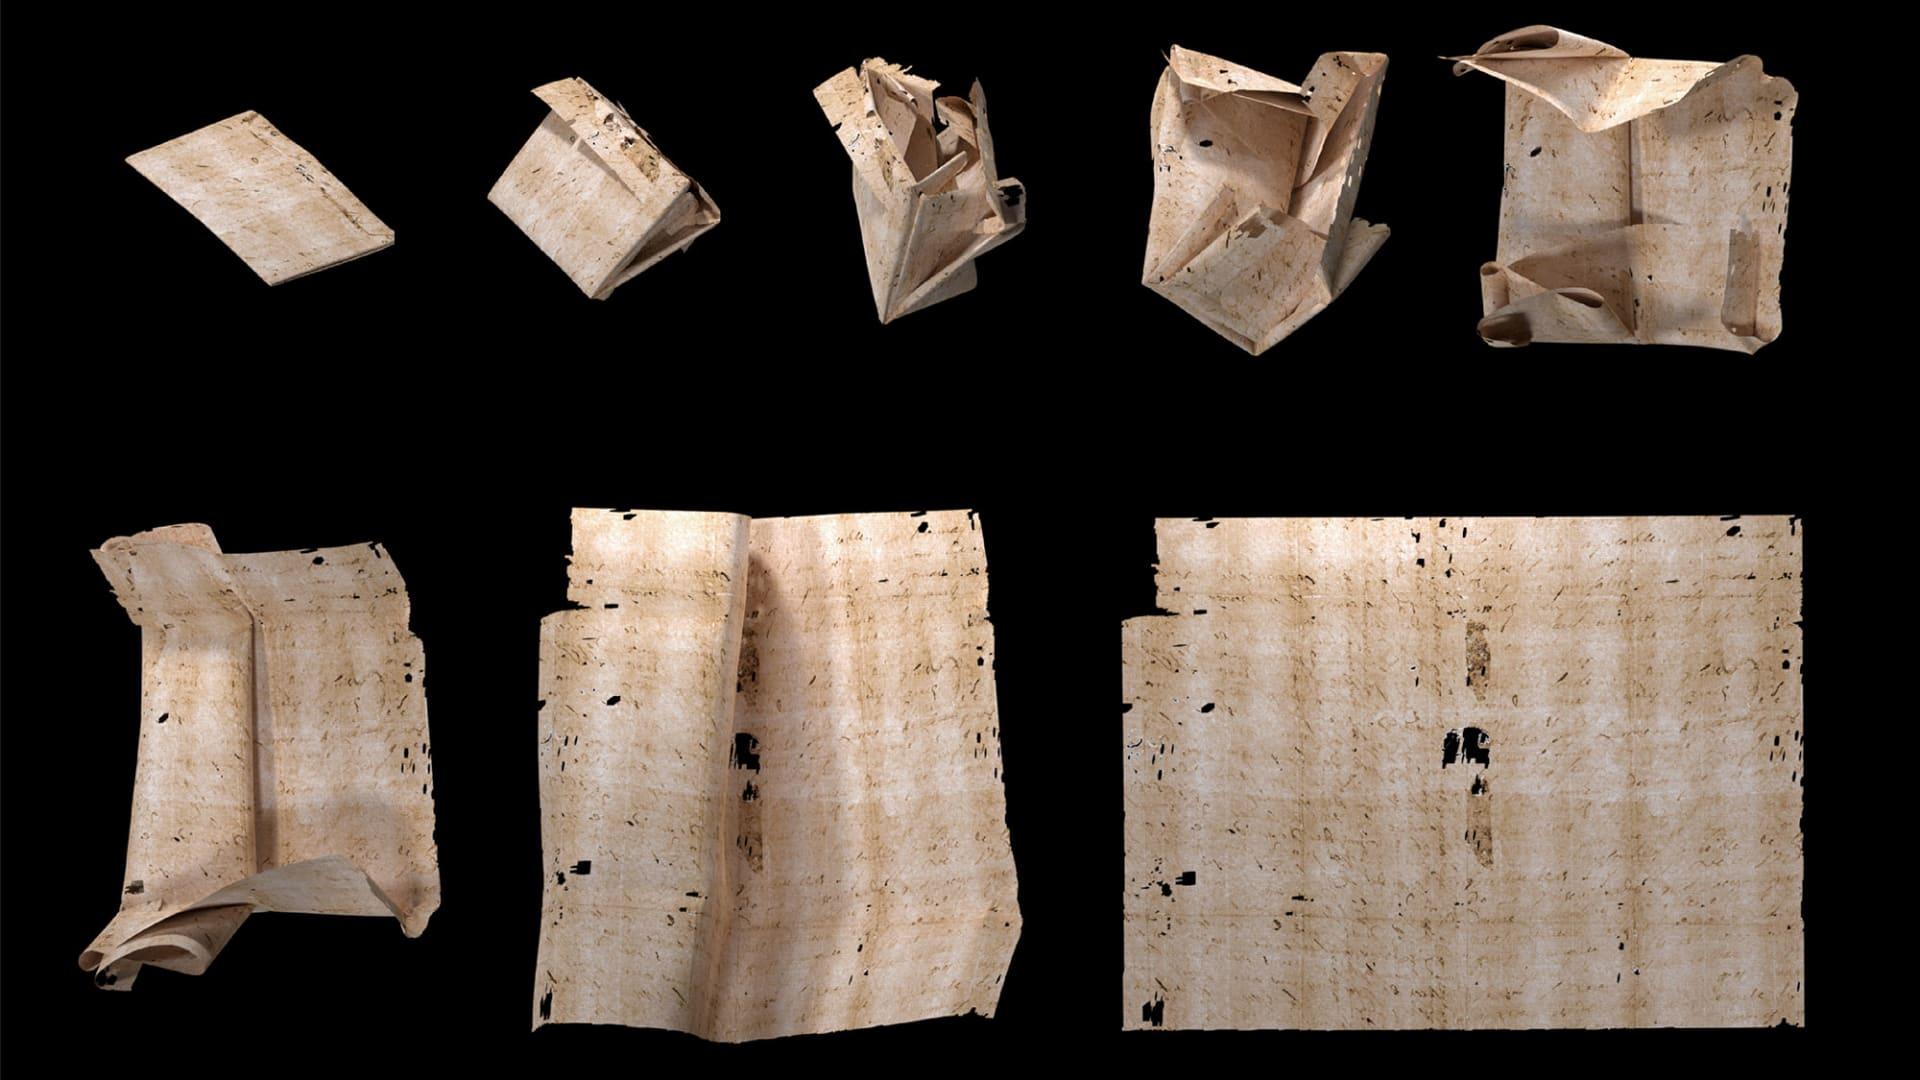 """باحثون يكشفون محتوى رسالة """"مقفلة"""" نادرة عمرها 300 عام دون فتحها..كيف؟"""